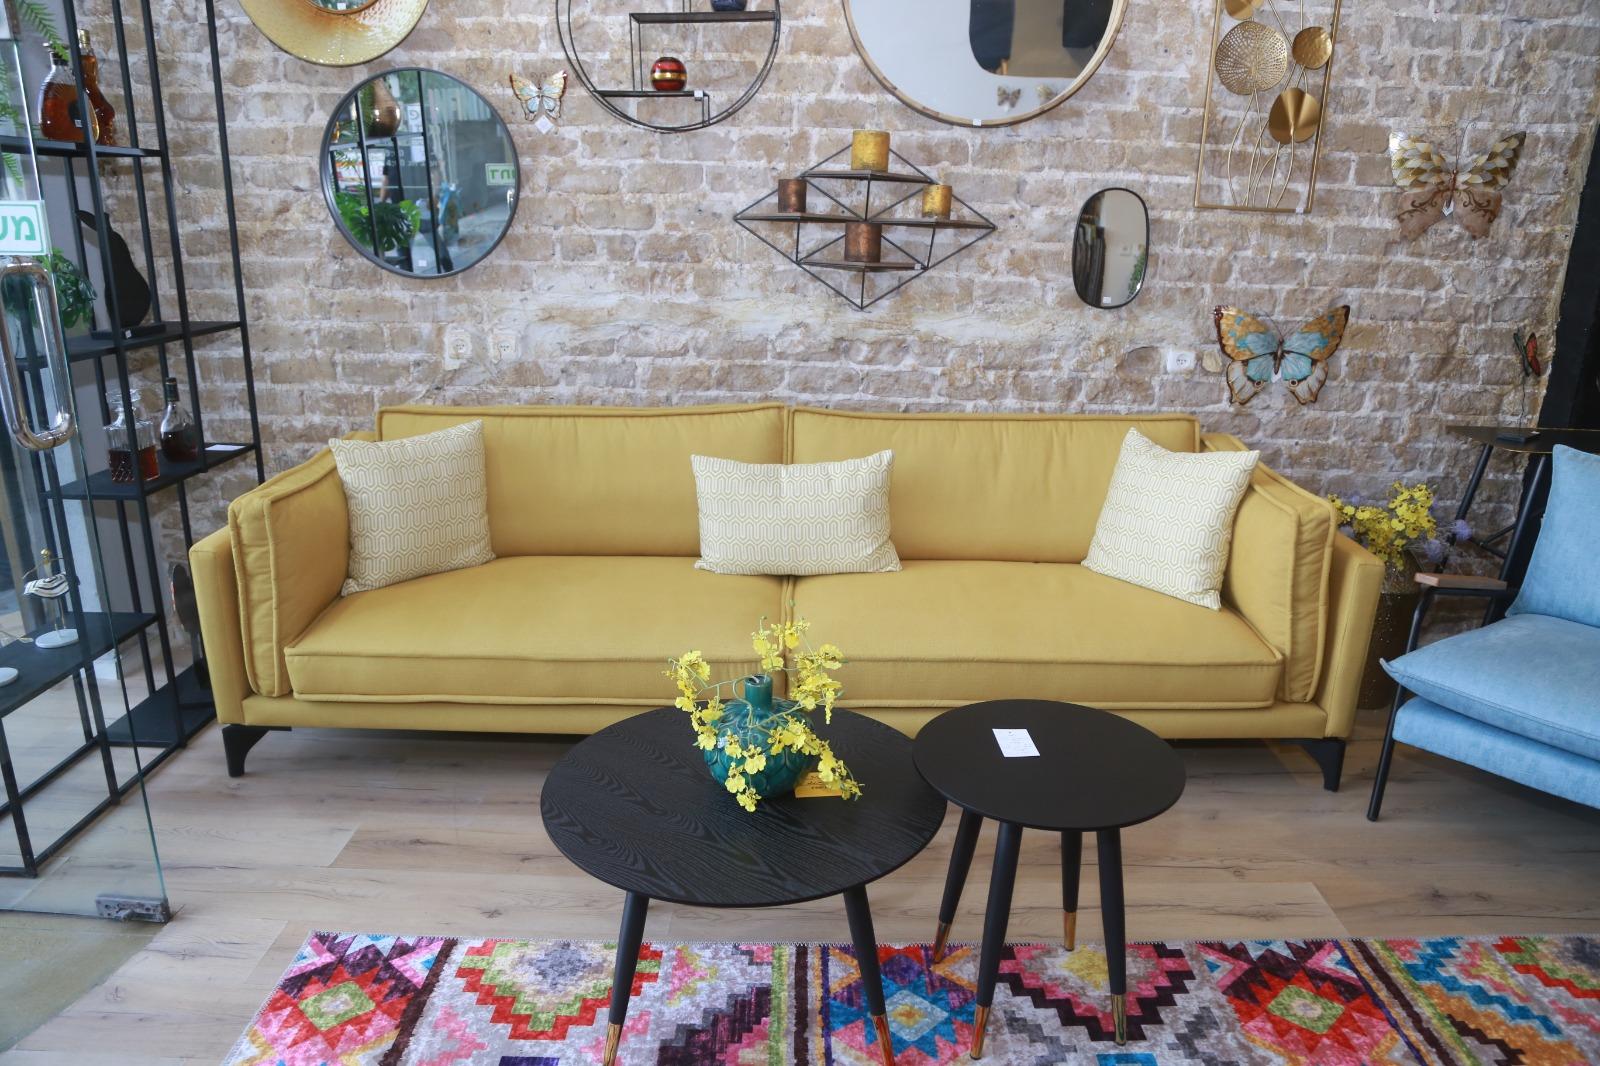 רהיטים בתל אביב - אינפיניטי. צילום:יוסי קורן, סטודיו 11